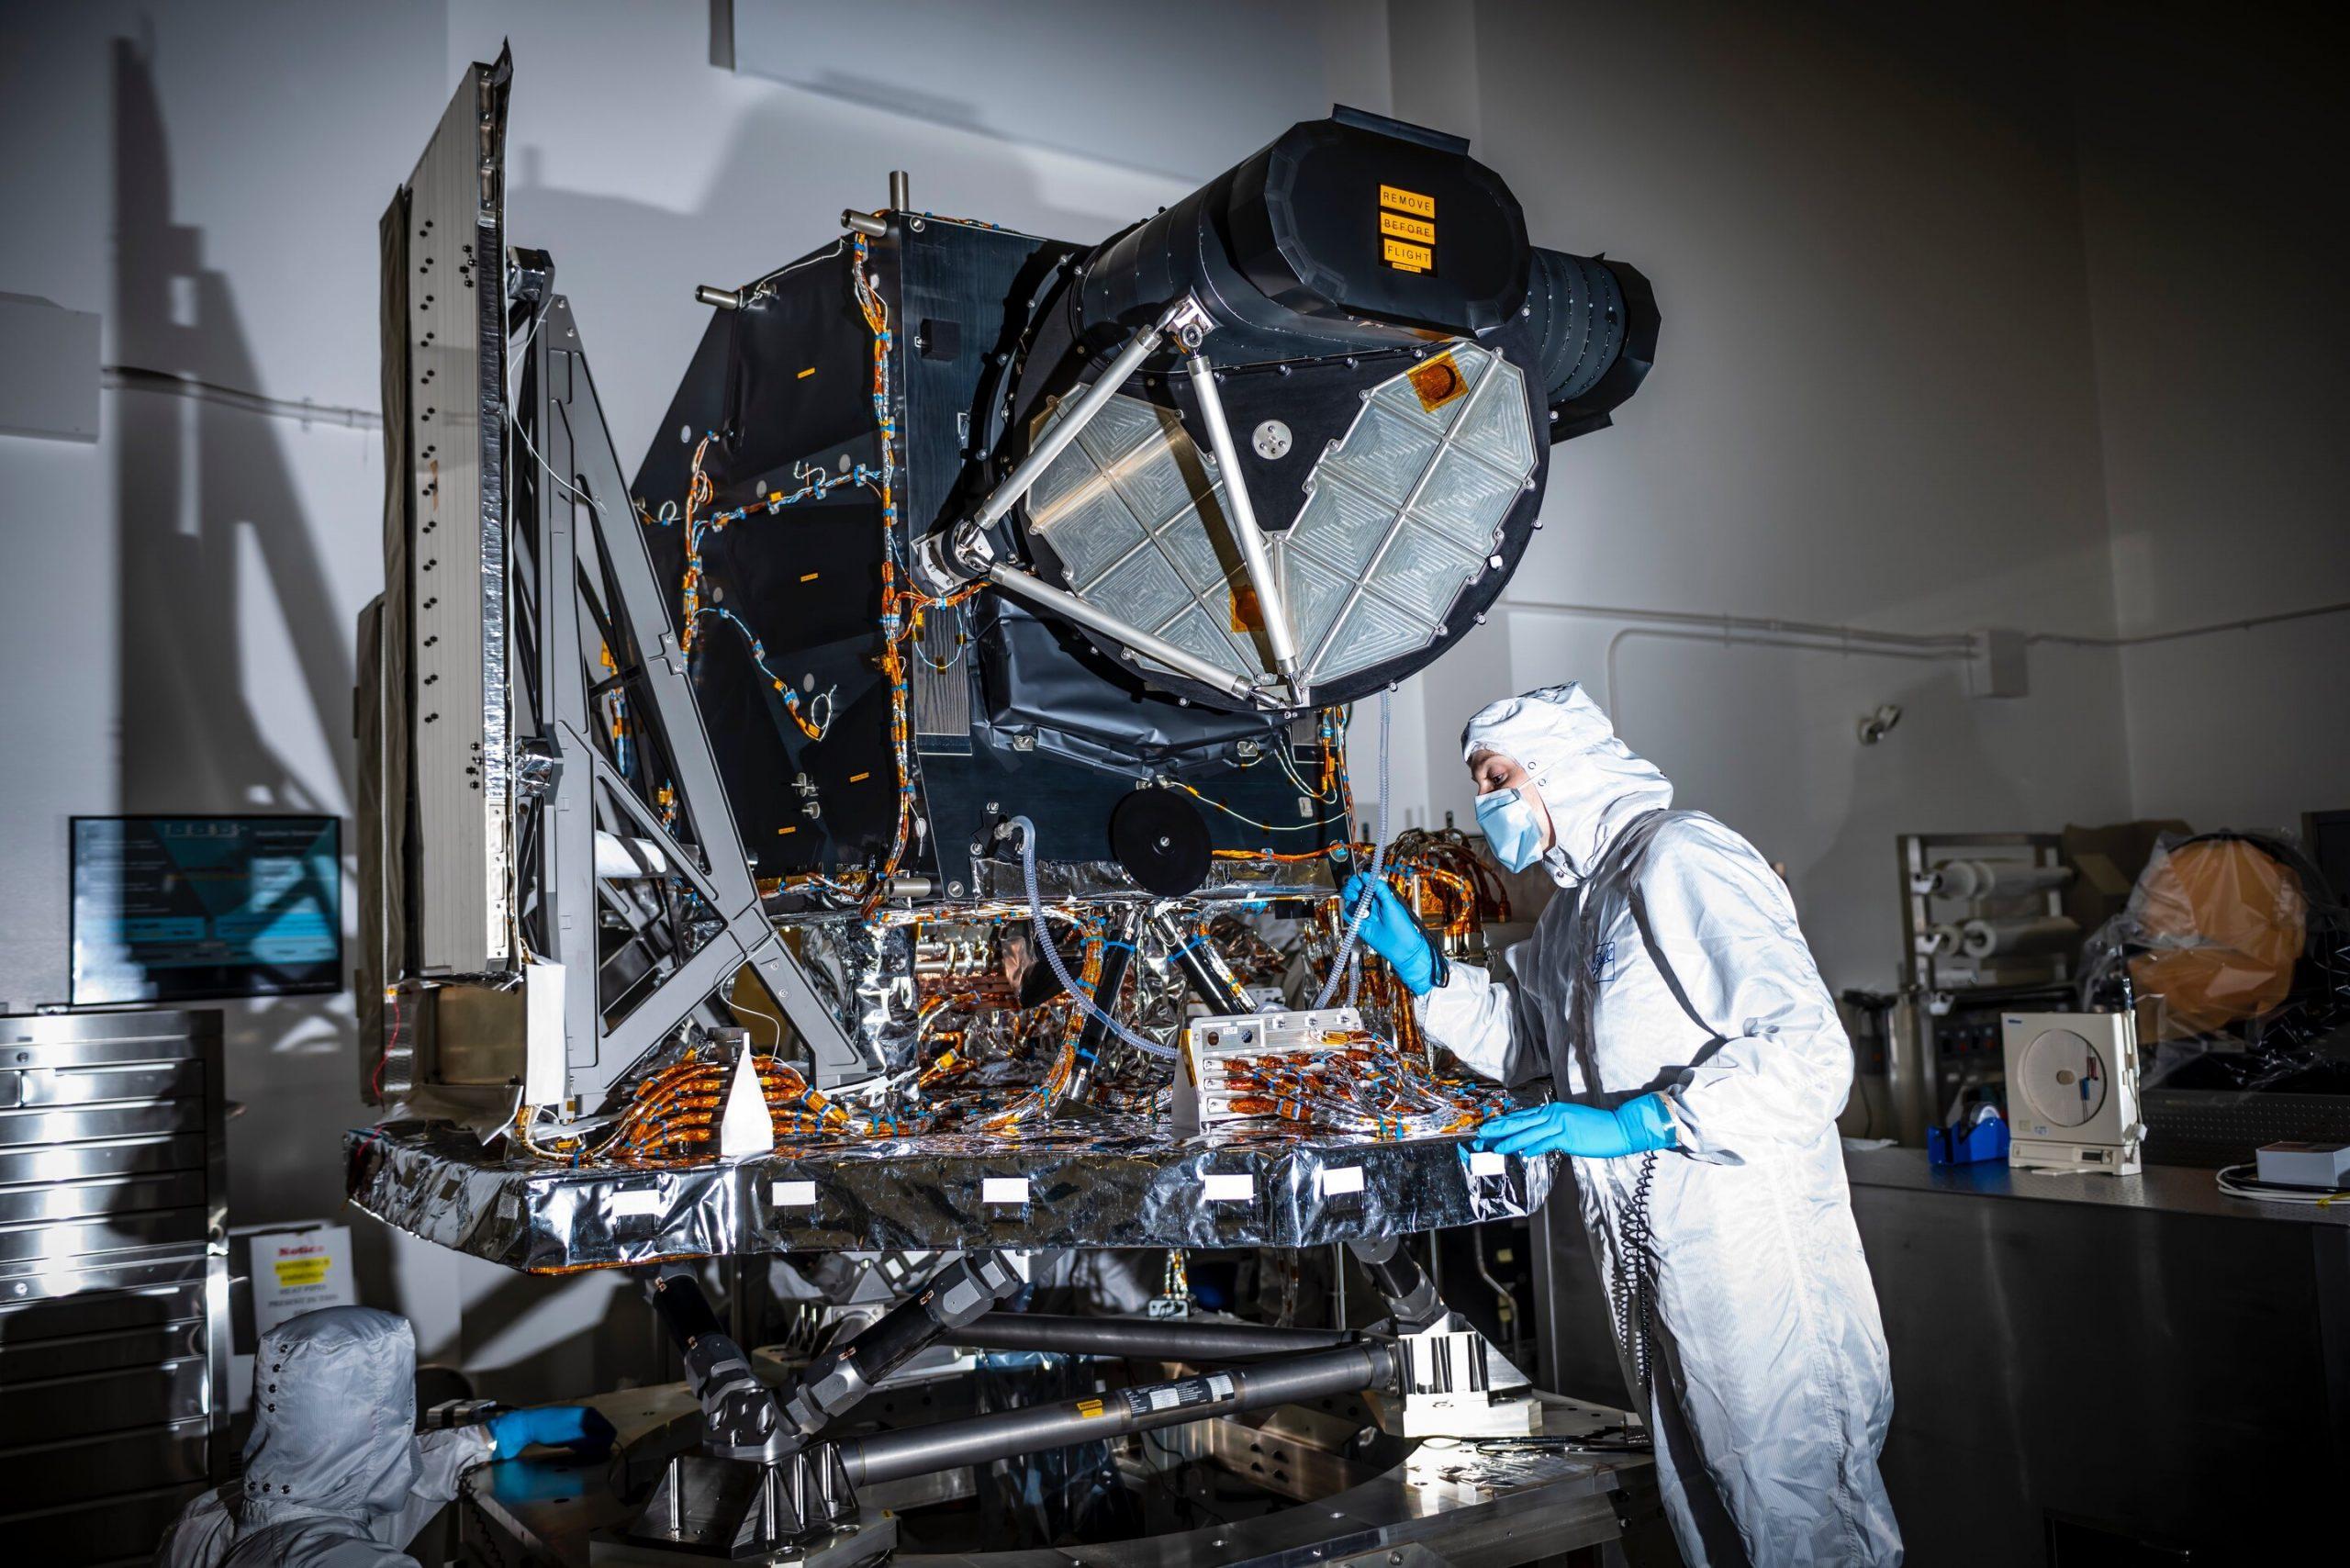 Operational Land Imager-2, podstawowy instrument na pokładzie satelity Landsat-8. Niemal identyczny sensor gości na pokładzie bliźniaczego obserwatorium Landsat-8. Fot. NASA